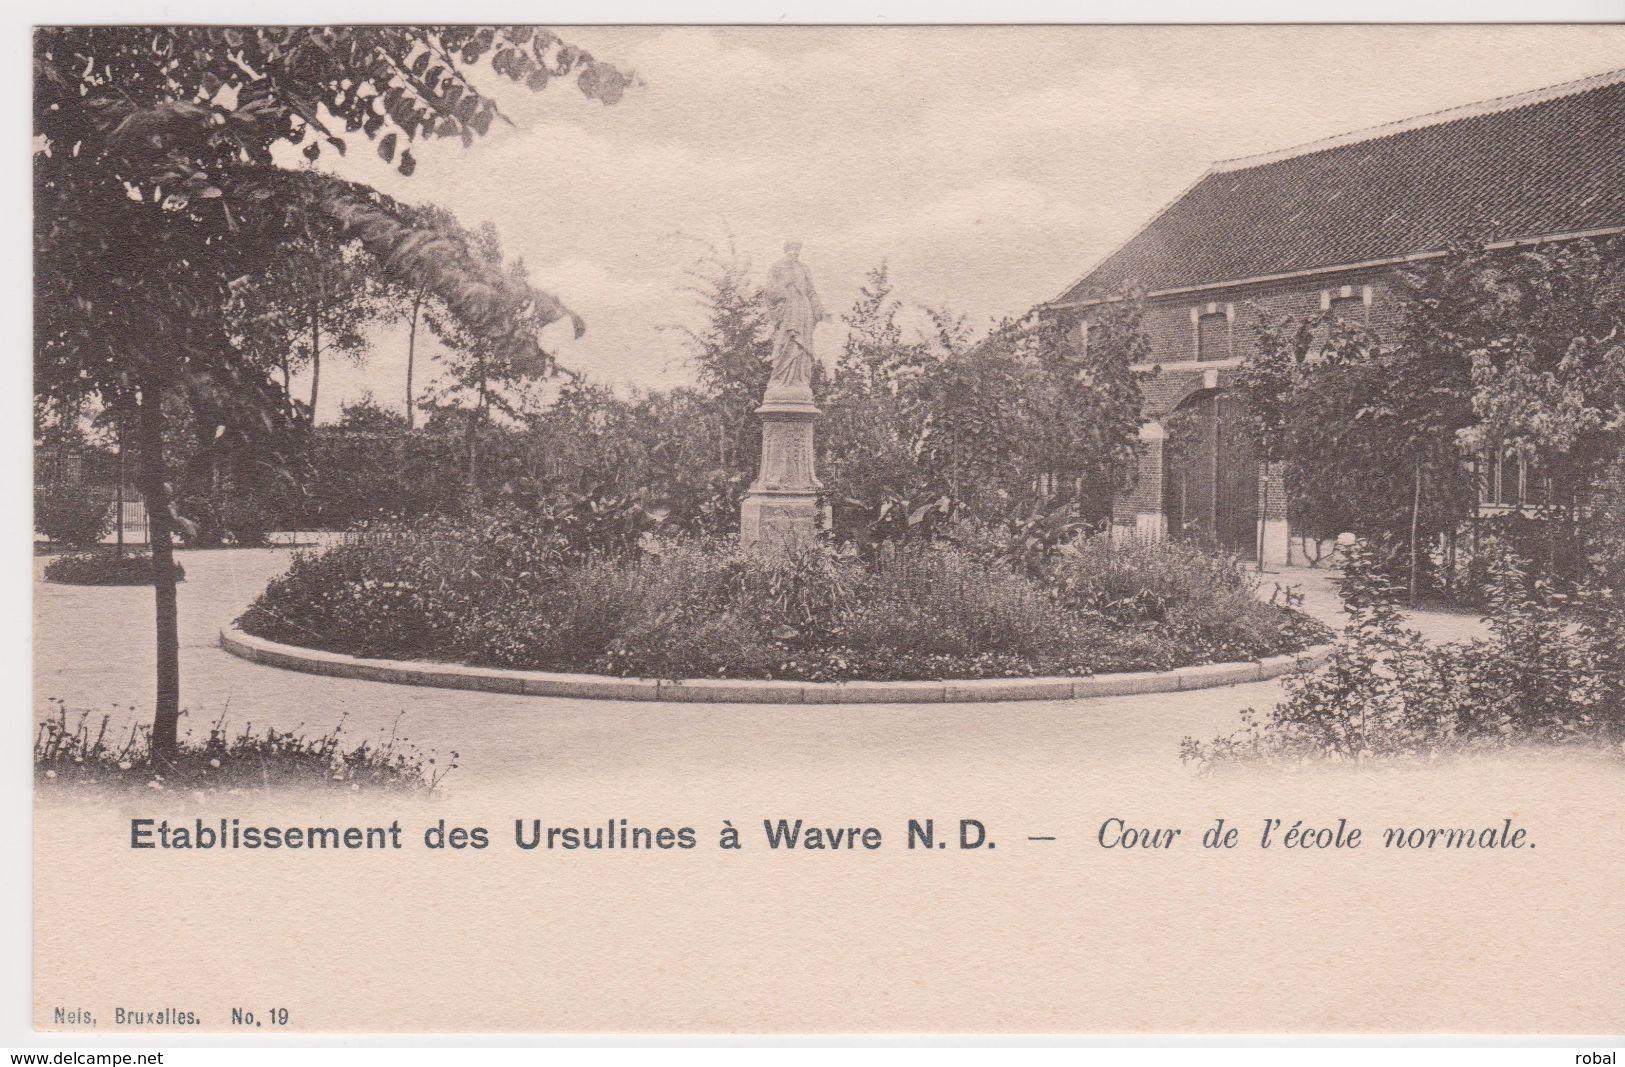 Sint Katelijne Waver Onze Lieve Vrouw Waver Ursulinenschool Cour De L'école Normale - Sint-Katelijne-Waver